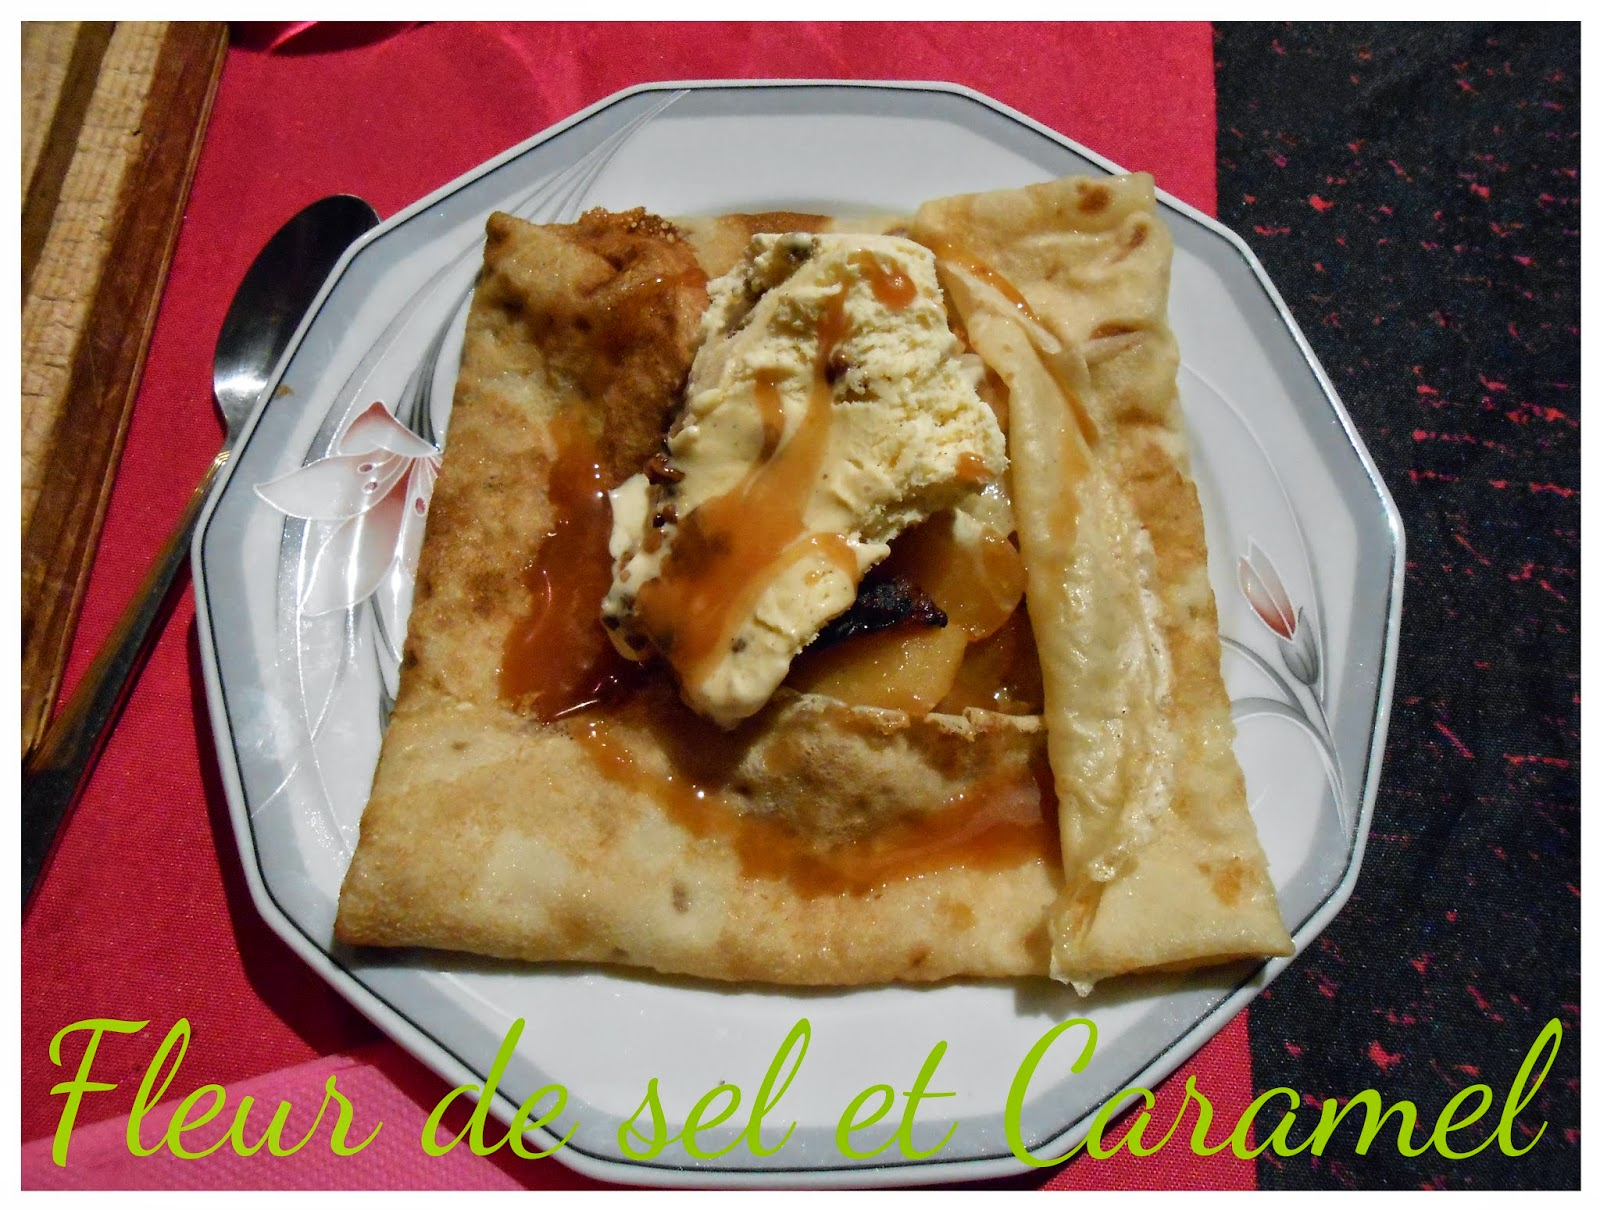 Crêpe aux pommes caramélisés et glace vanille noix de pécan pour la Chandeleur !